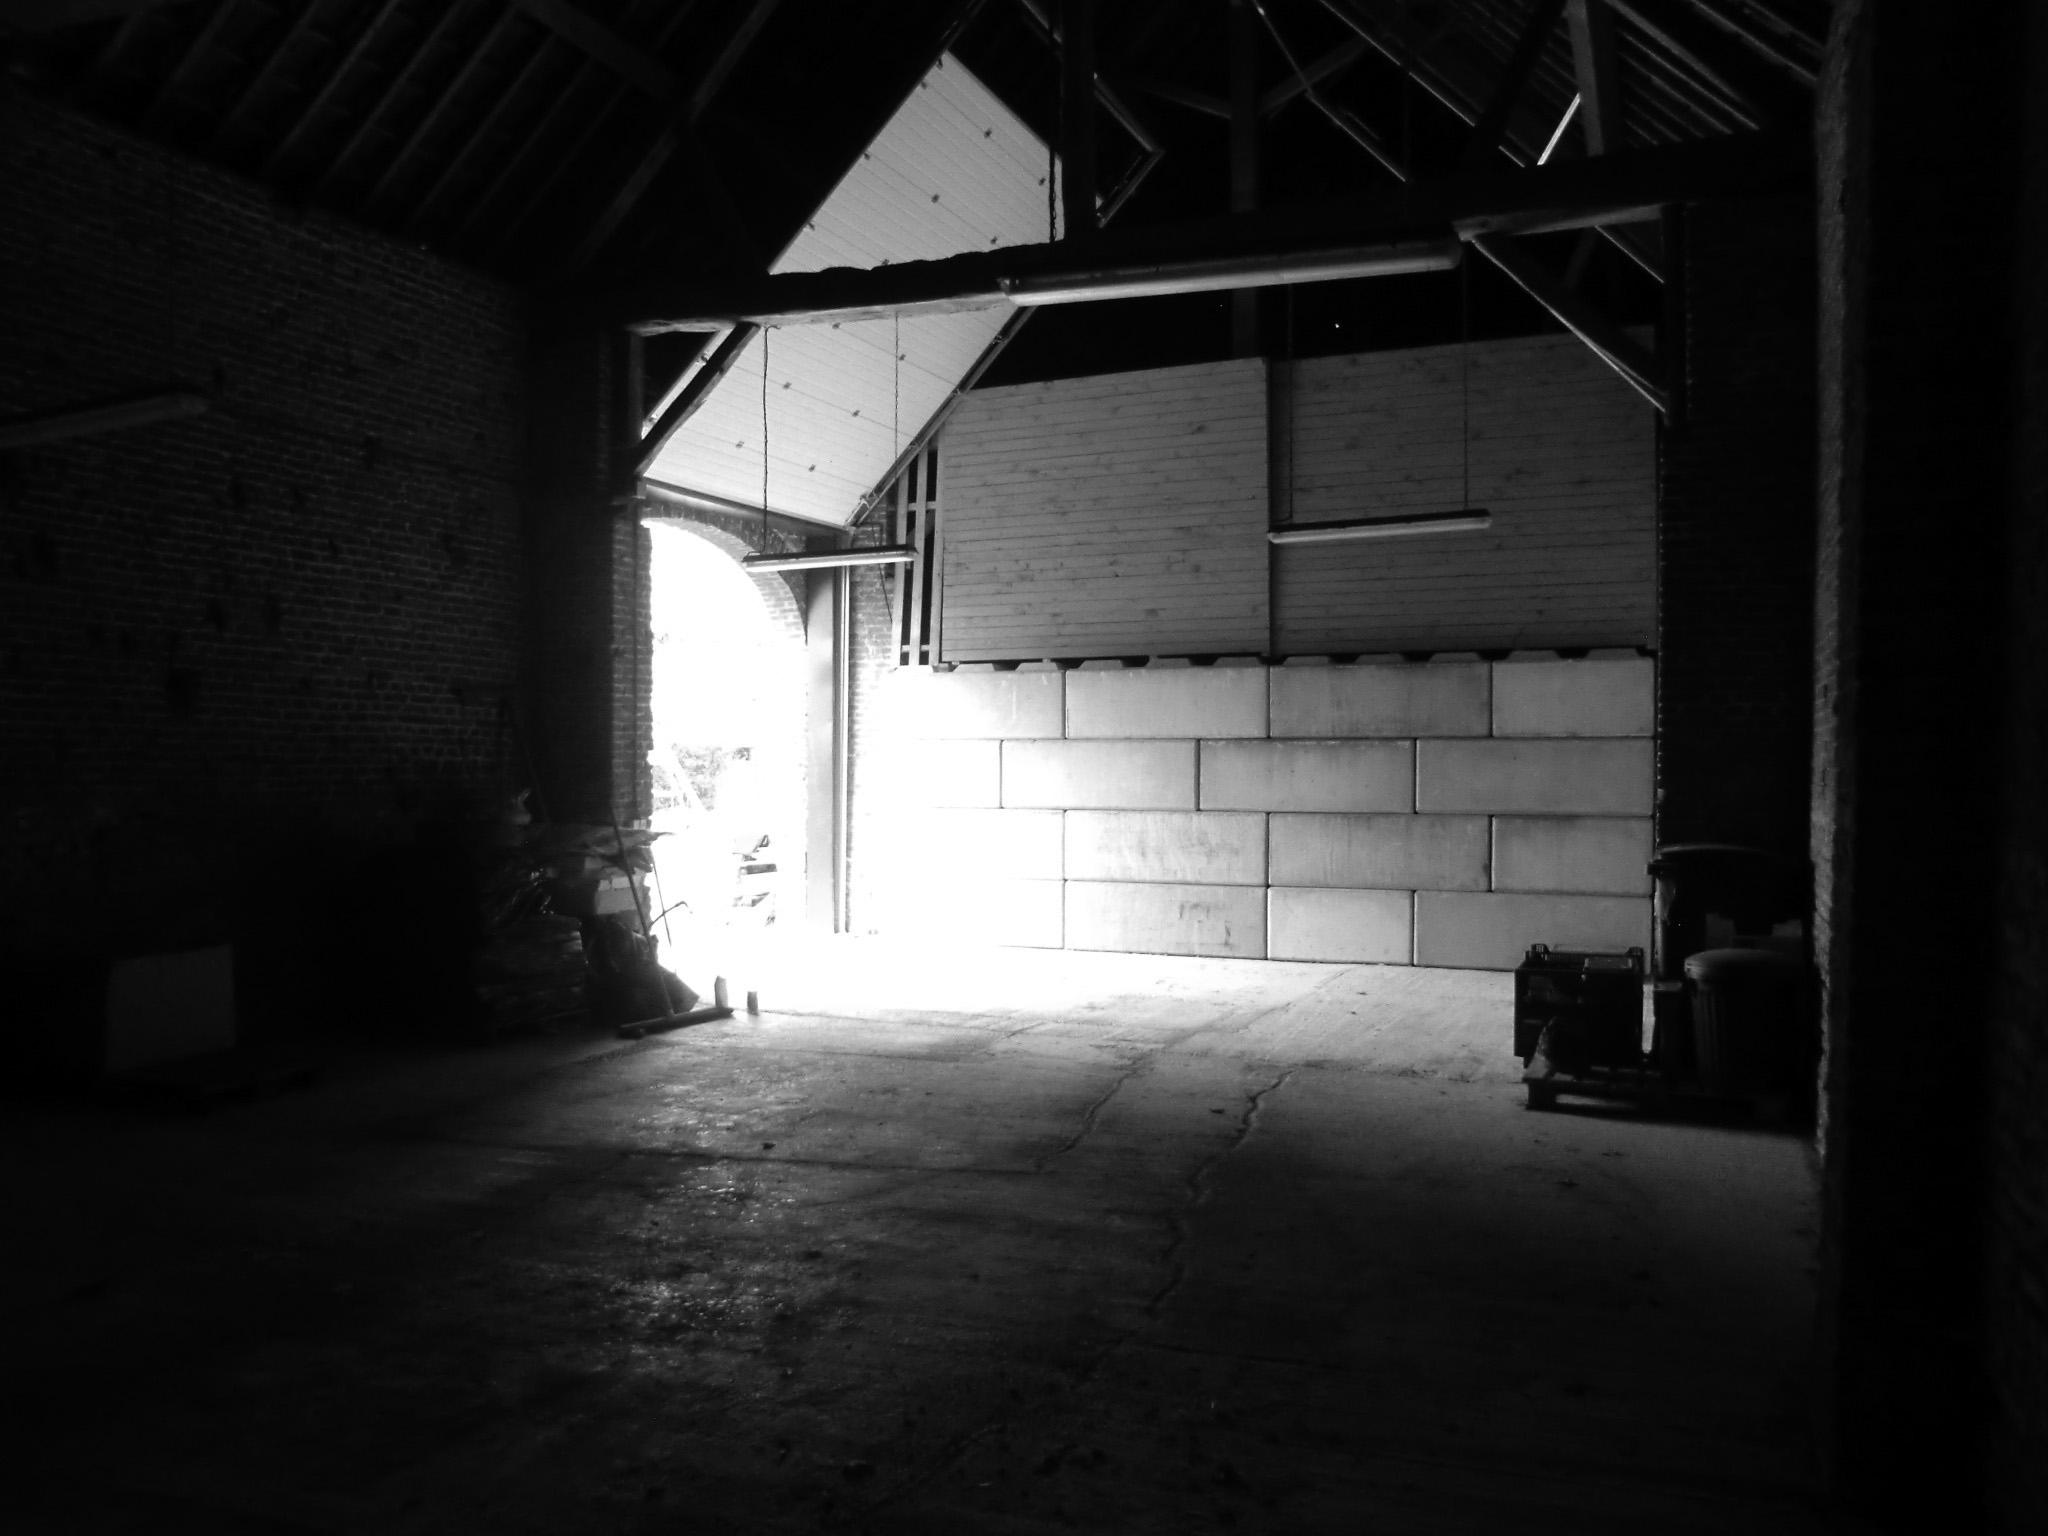 transformation d un garage en habitation avec extension plein pied et construction d un garage. Black Bedroom Furniture Sets. Home Design Ideas